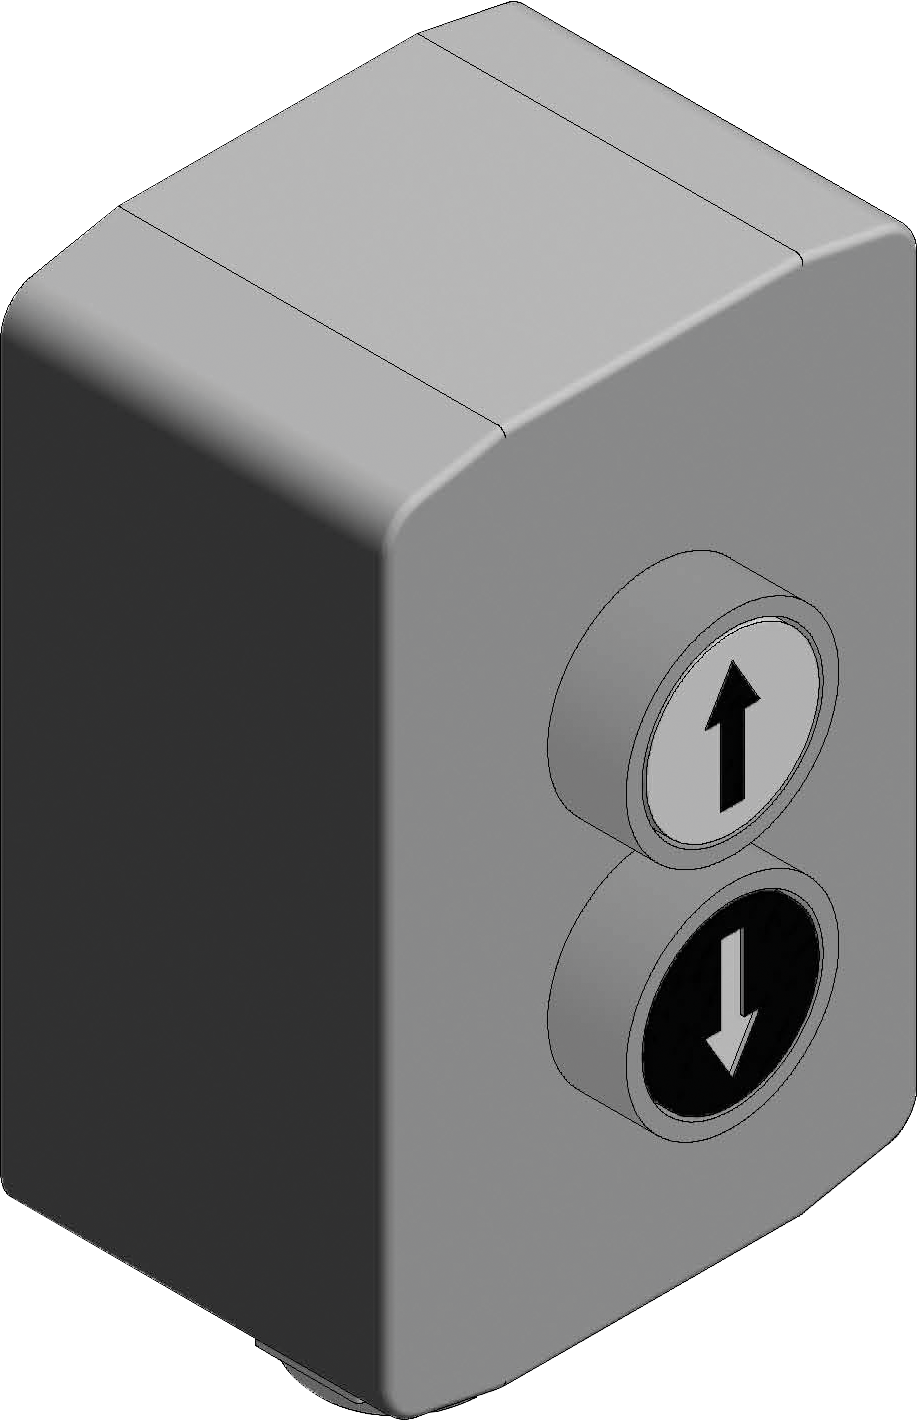 Elektro-Antrieb Basic, 1 Schalter für Agrartor Mod. 2018